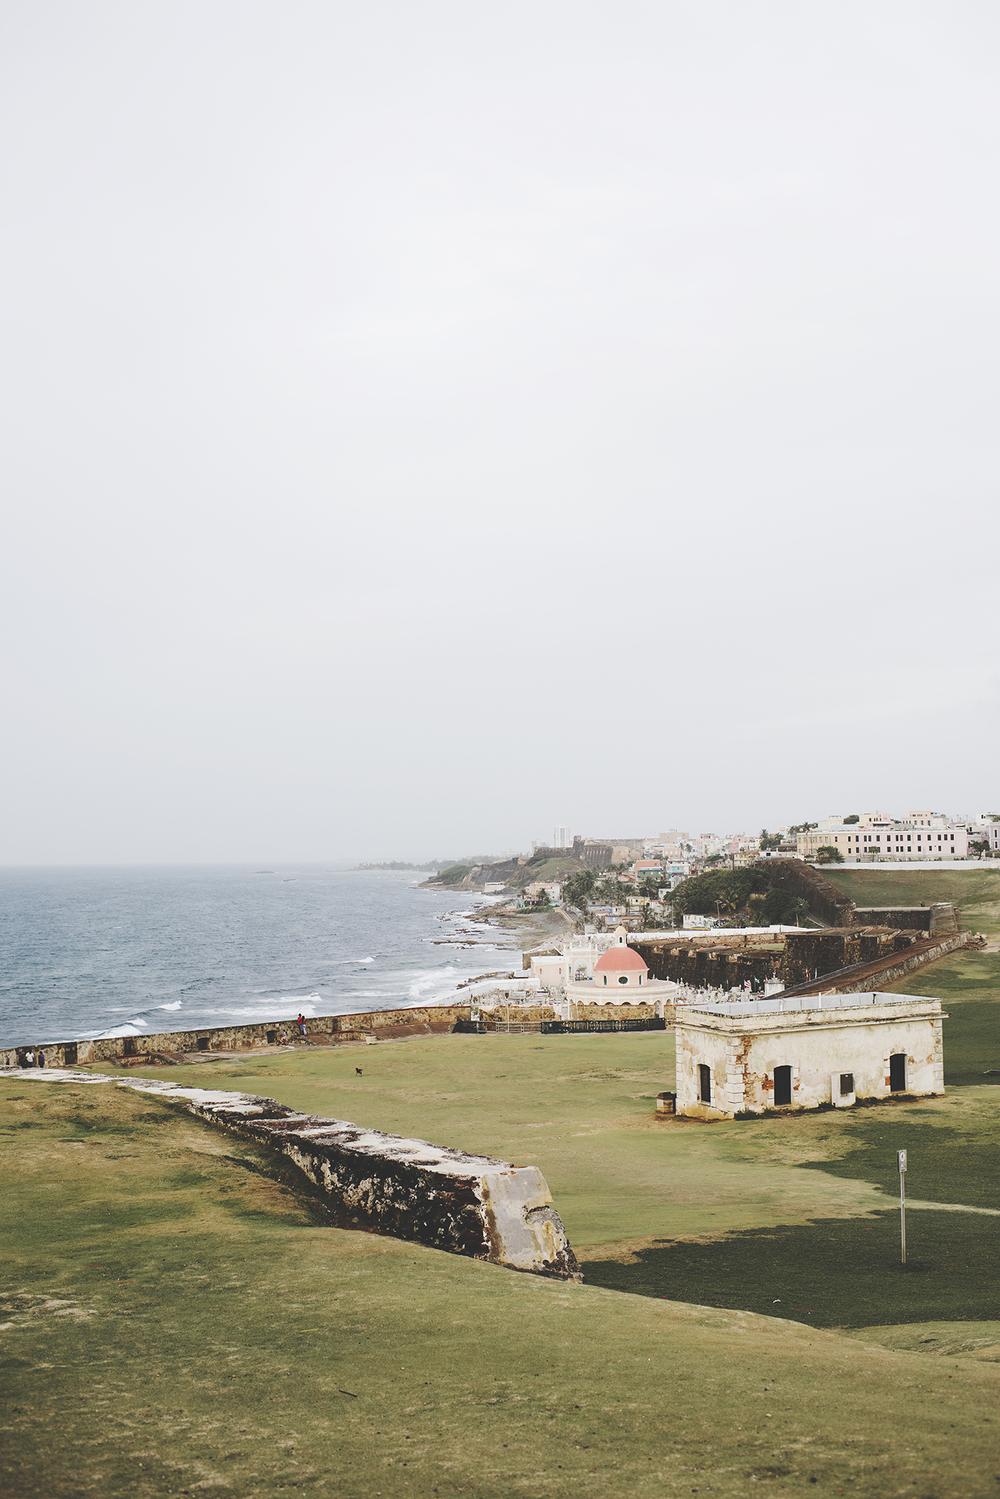 PuertoRico2015_062 copy.jpg